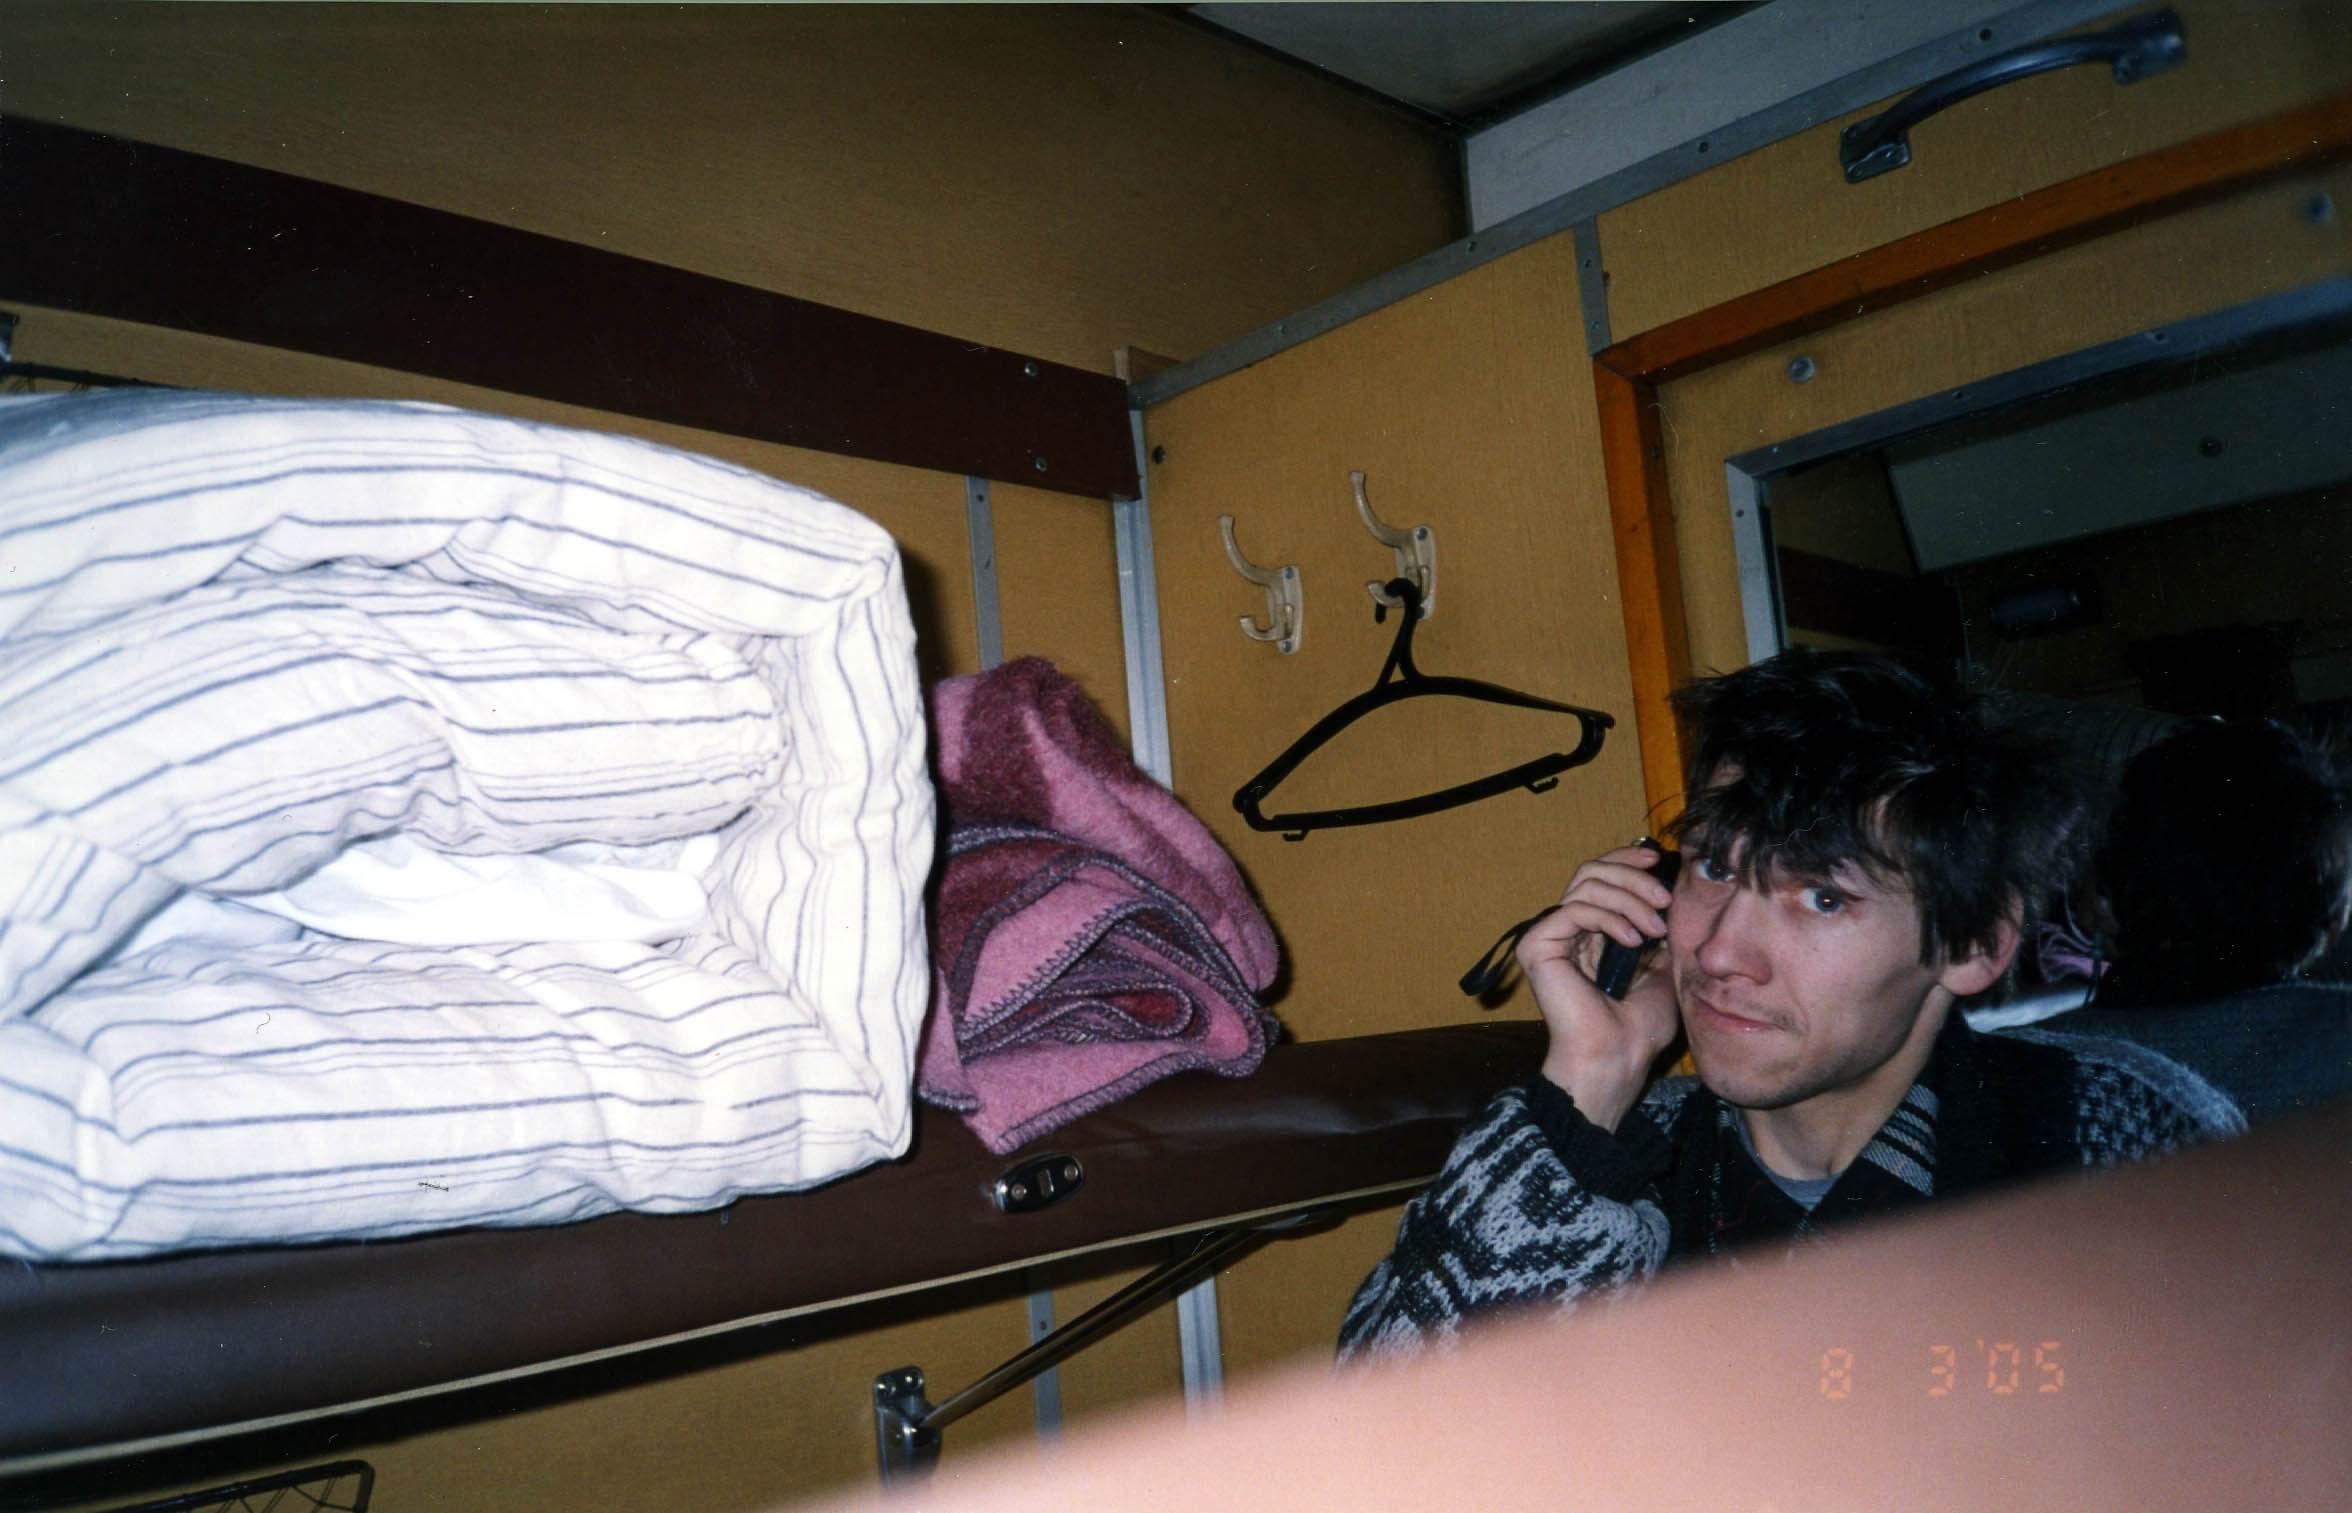 Секс в купе вагона фото 10 фотография